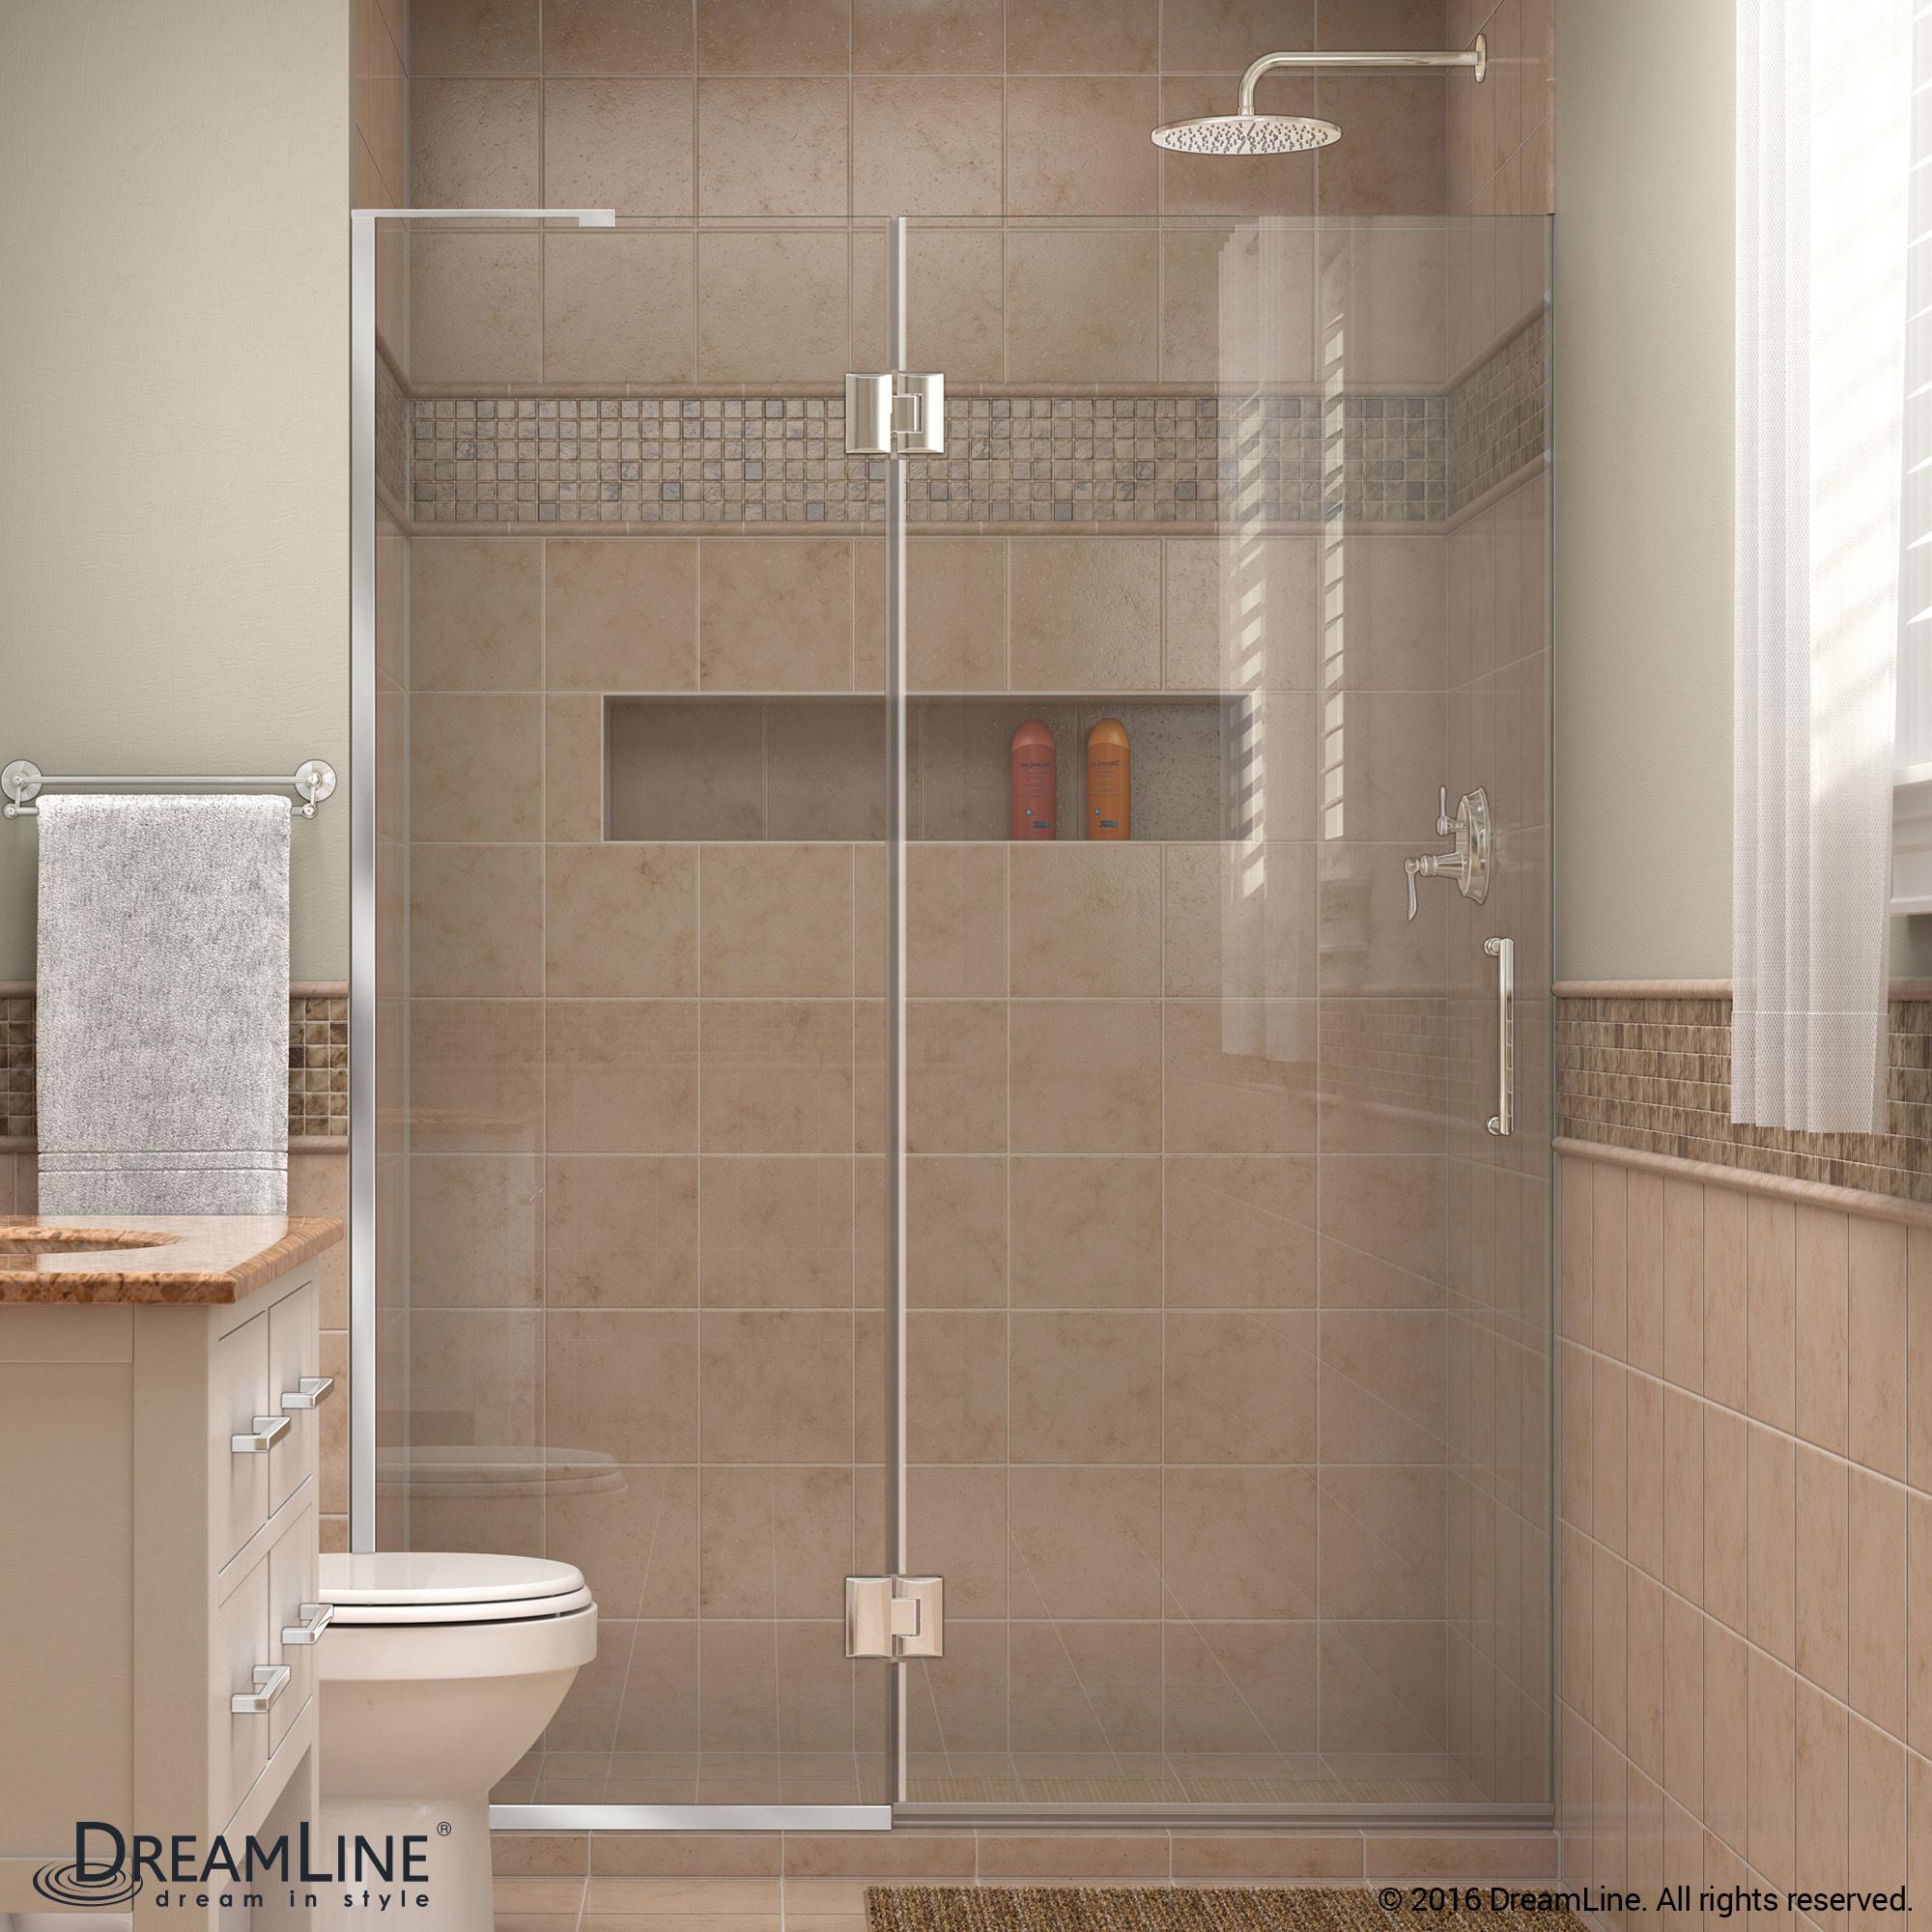 DreamLine D32572L-01 Chrome Unidoor-X Hinged Shower Door With Left-wall Bracket